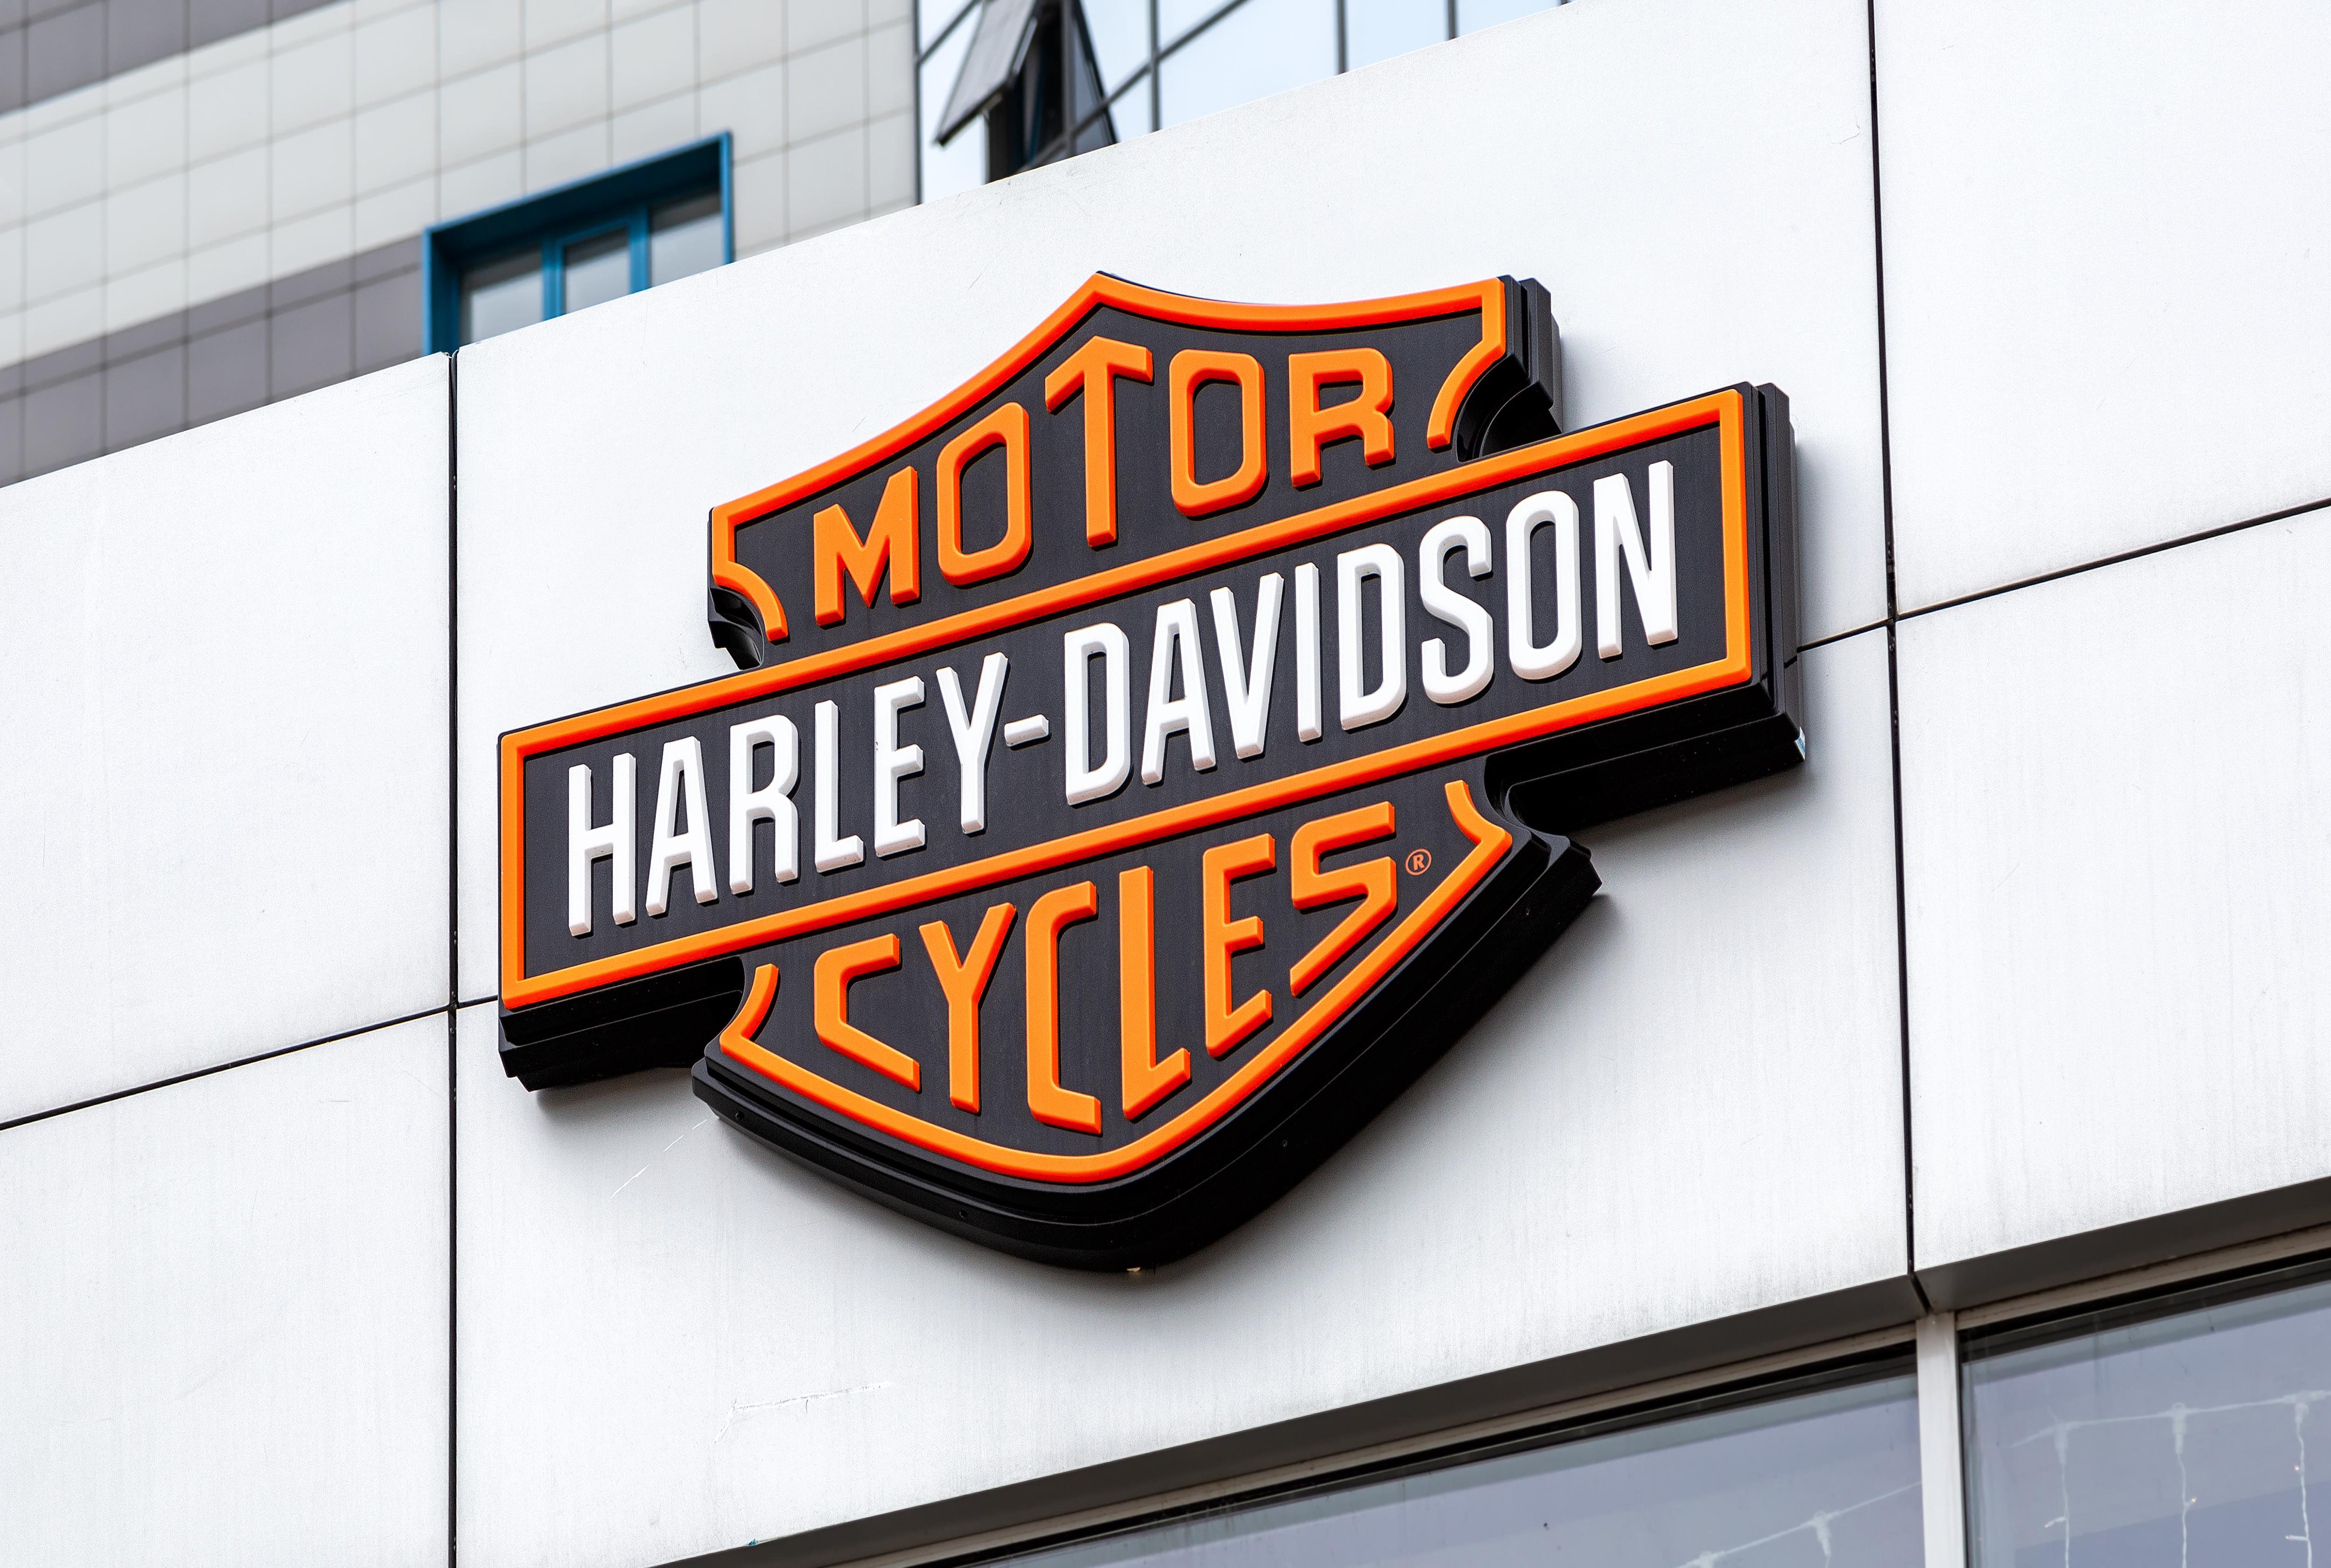 9f2c5d8d Motorcykel-legende åbner Danmarks største motorcykelværksted - Motor ...